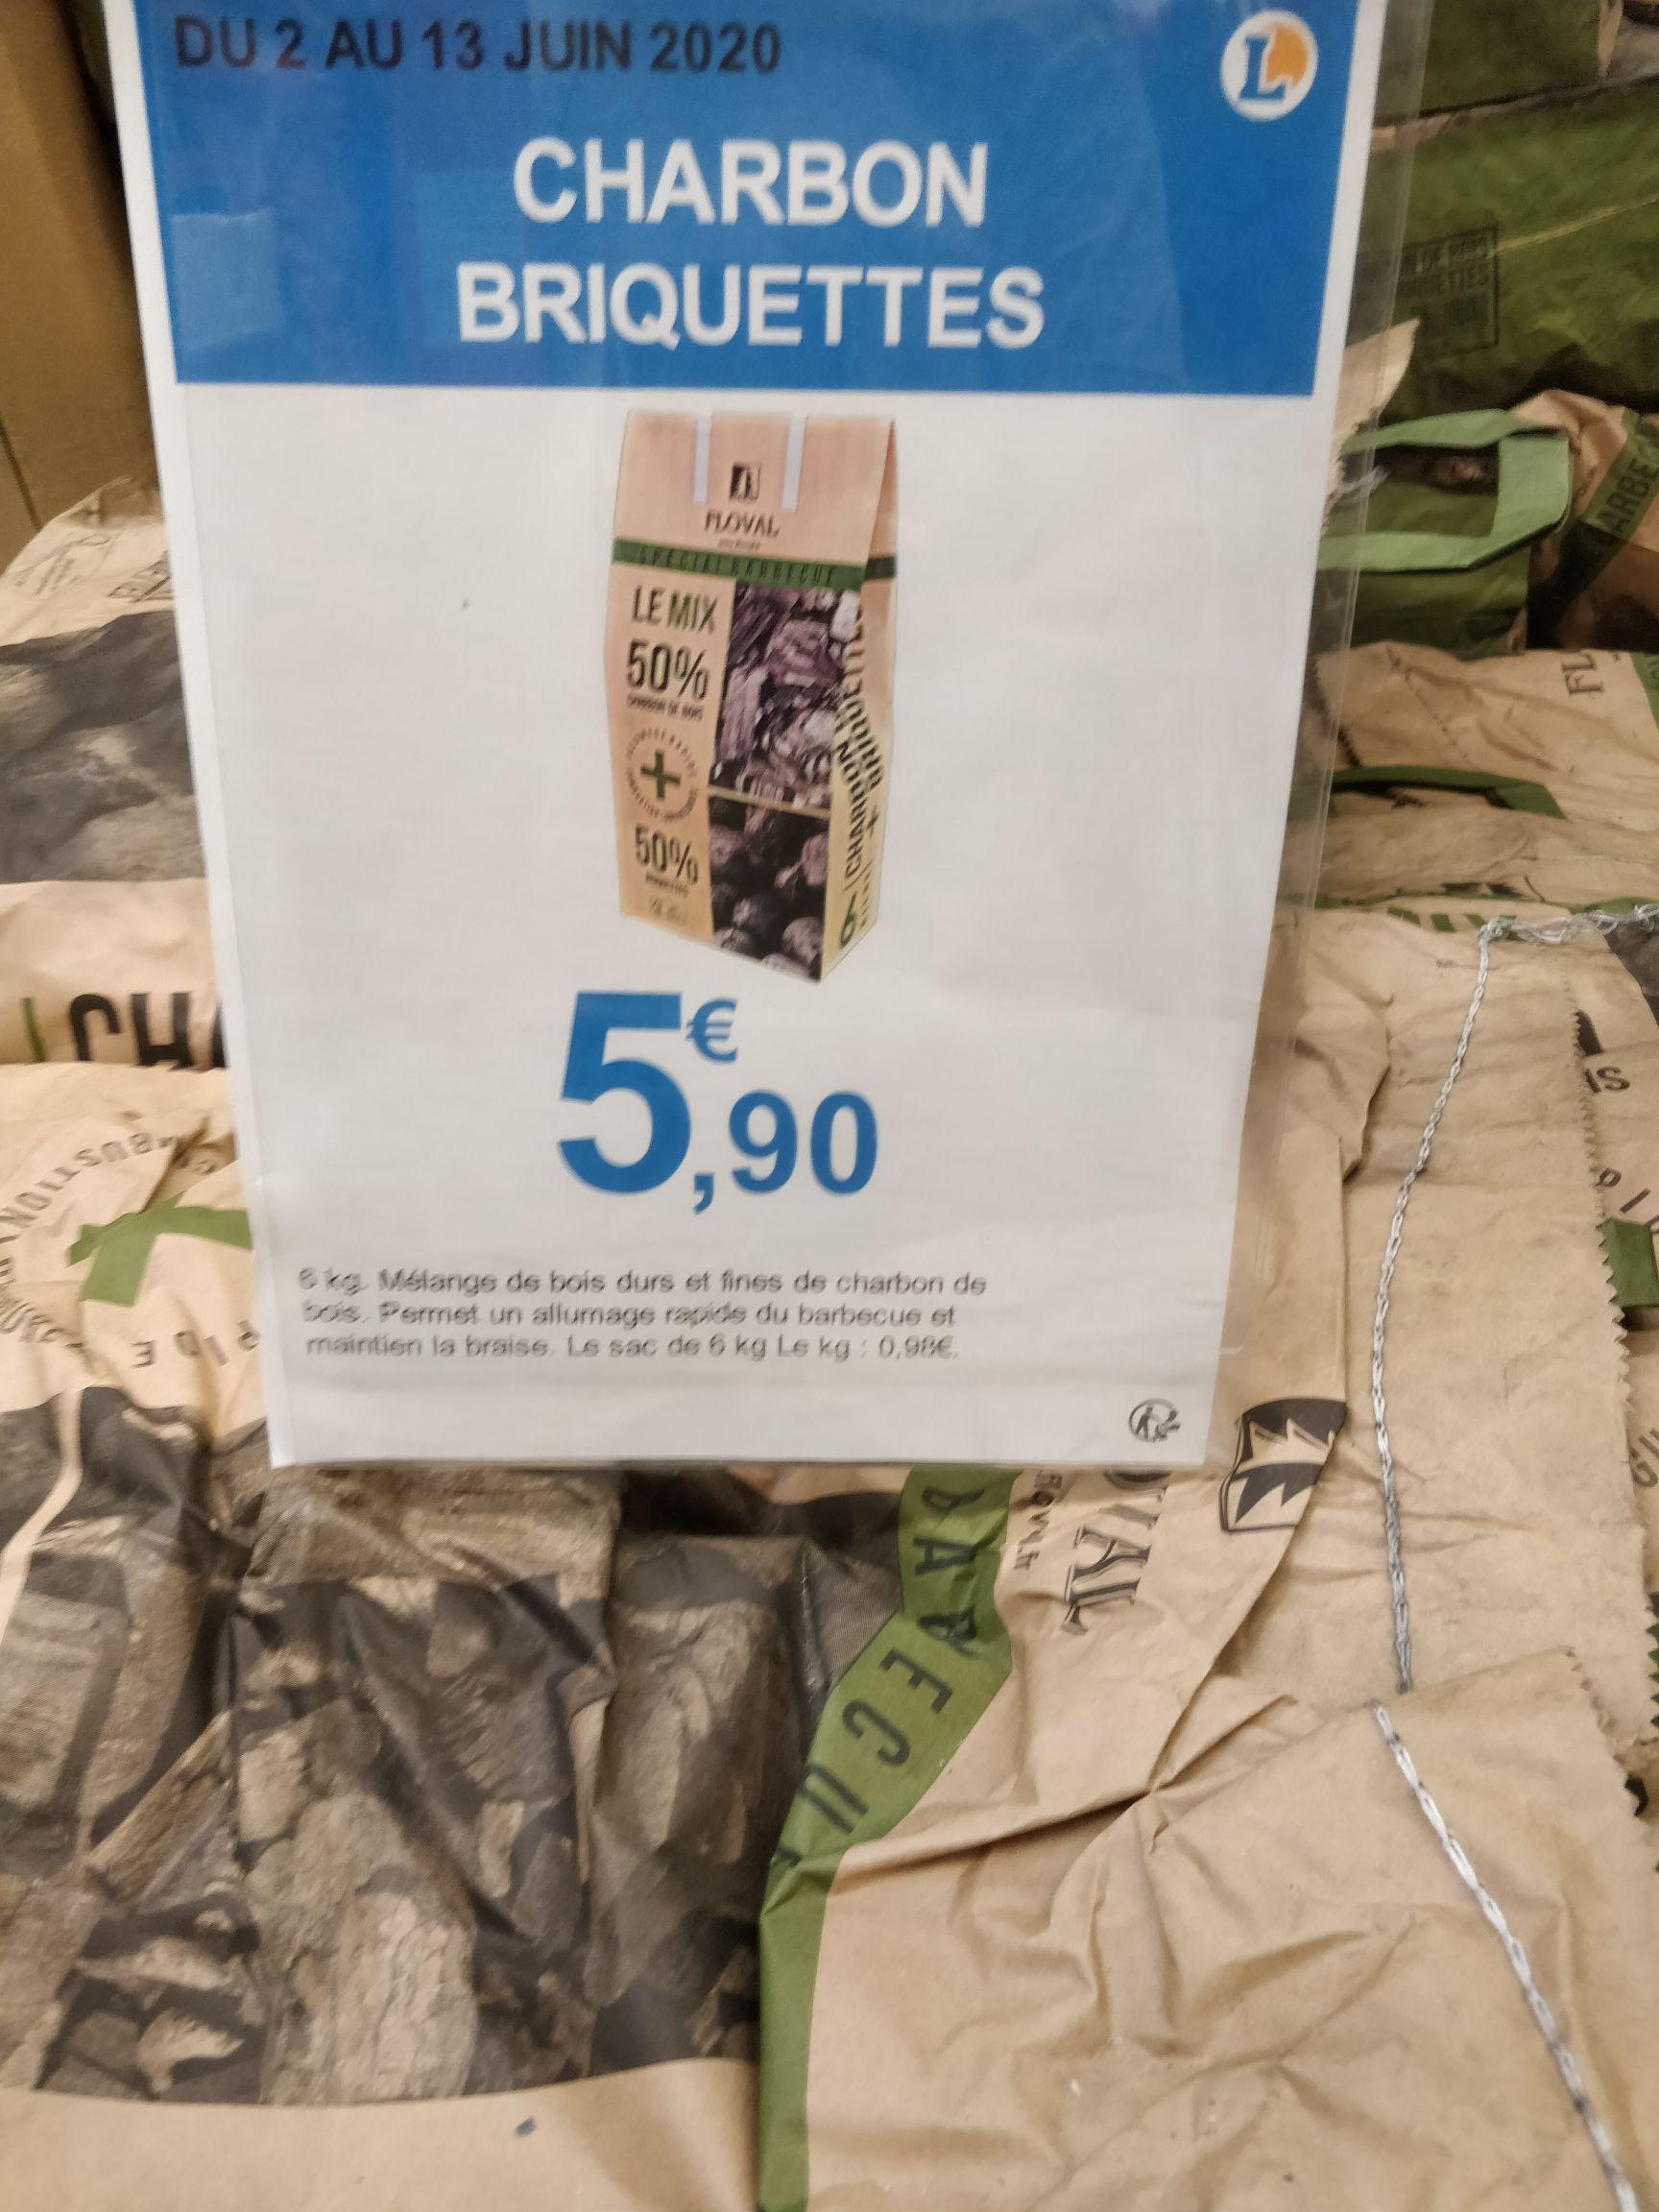 Sac de charbon/briquettes 50/50 - 6 Kg, Fameck (57)